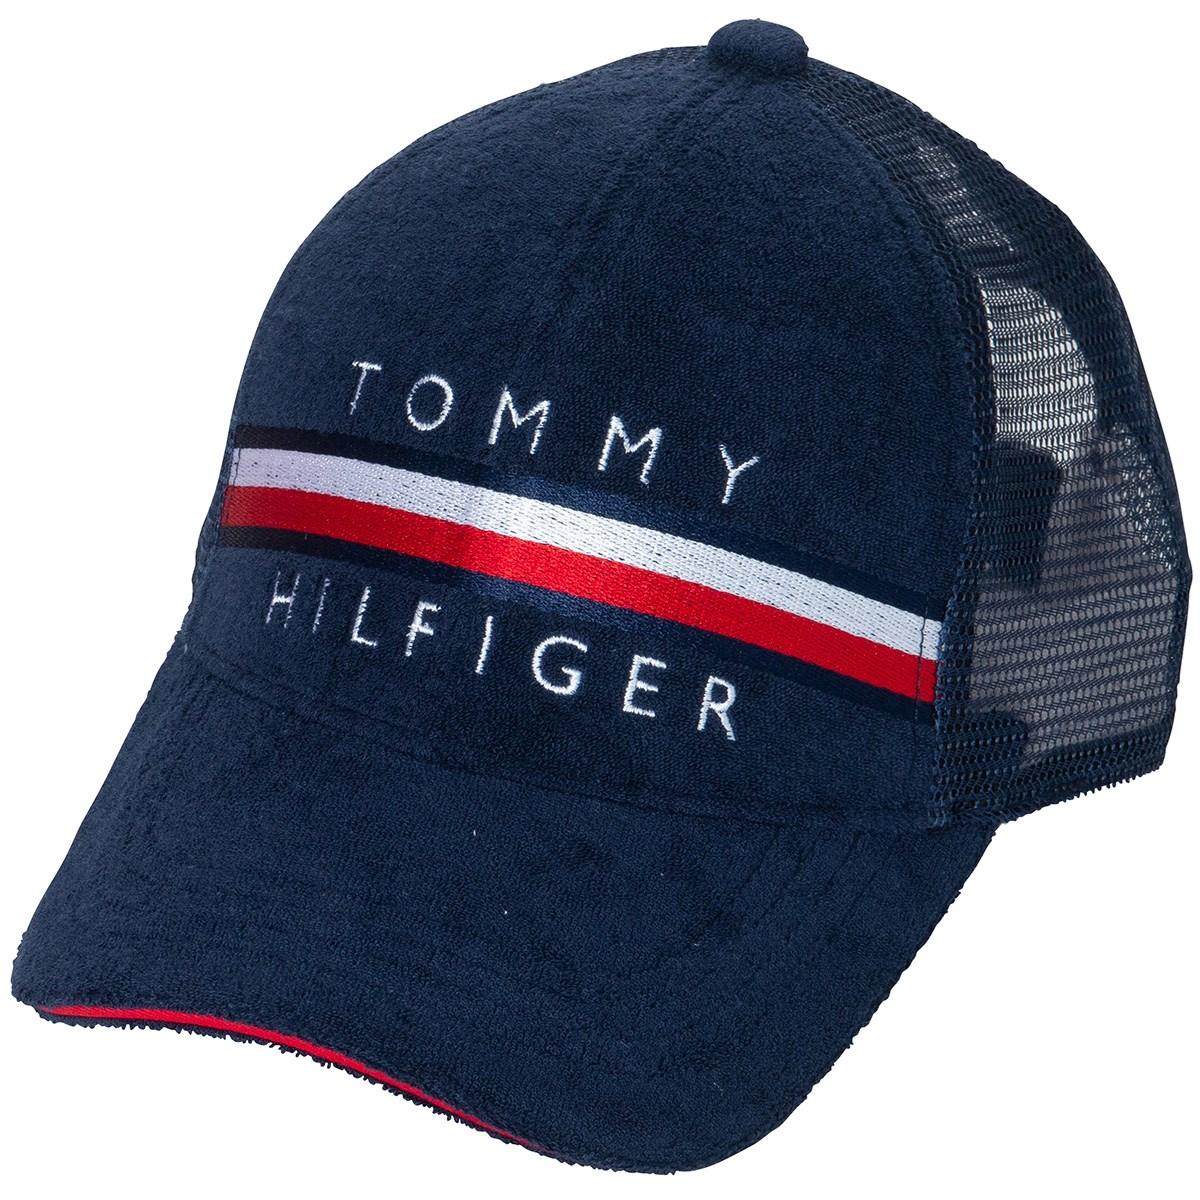 トミーヒルフィガー(Tommy Hilfiger) メッシュキャップ